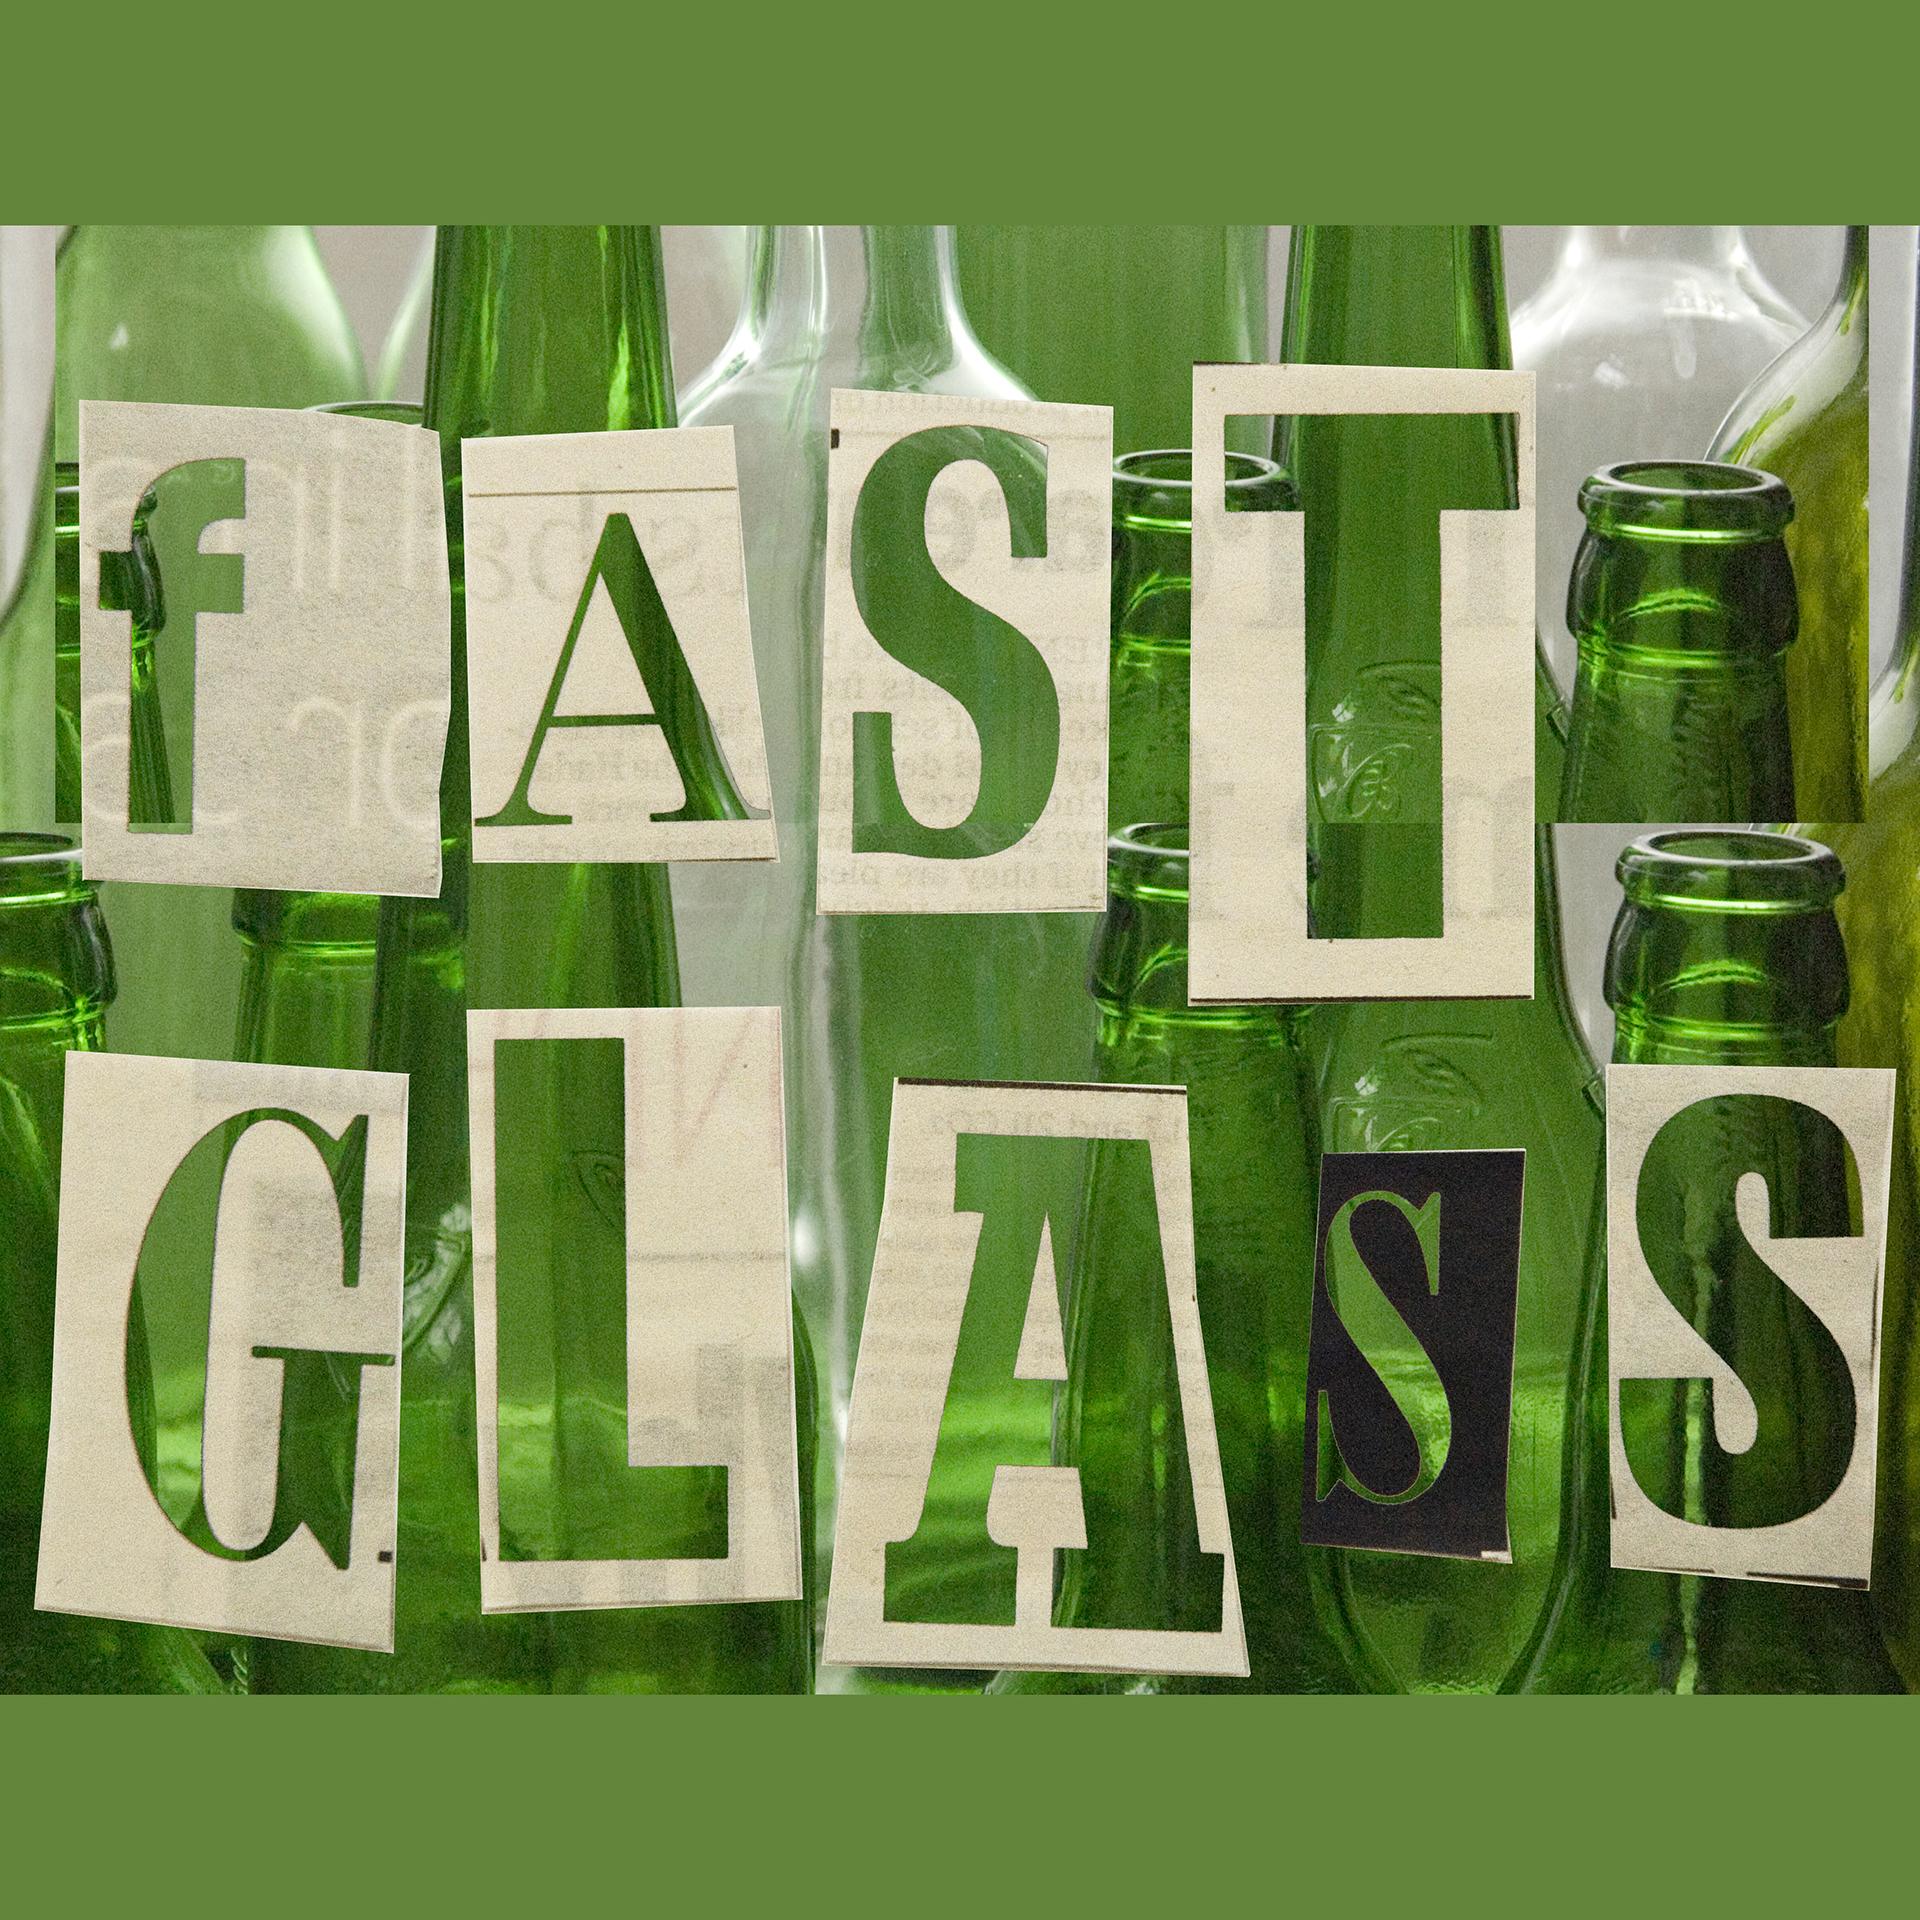 fast glass web.jpg